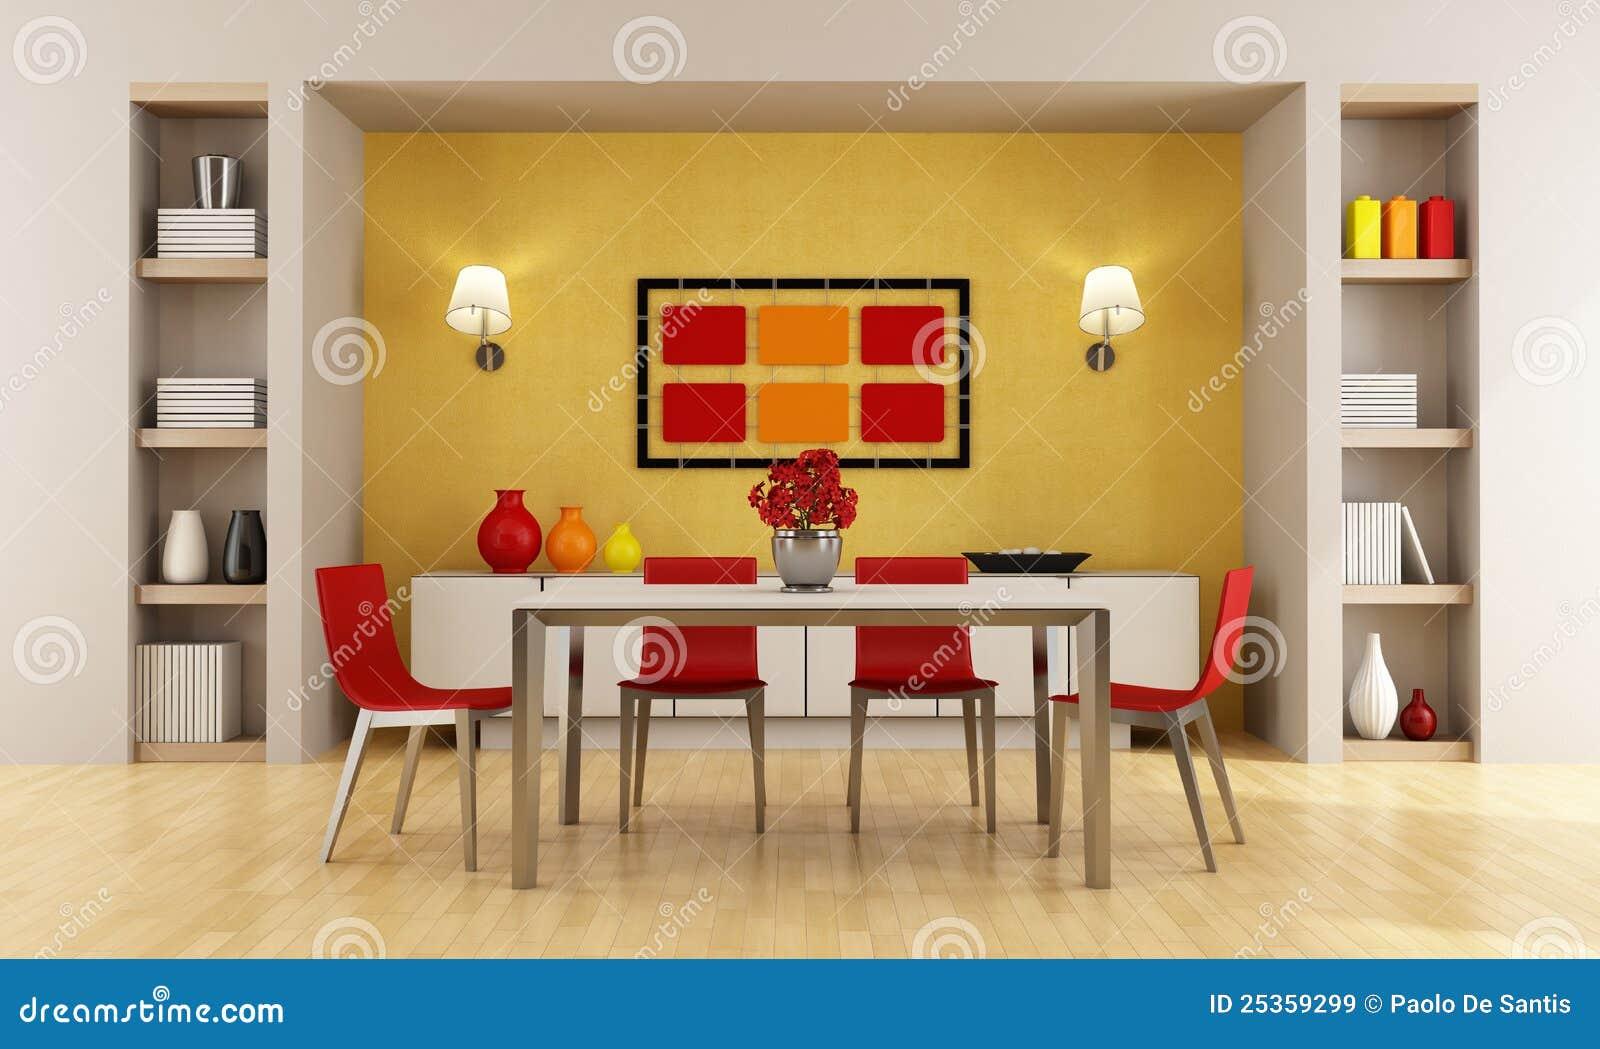 Moderne eetkamer stock illustratie afbeelding bestaande - Moderne eetkamer ...